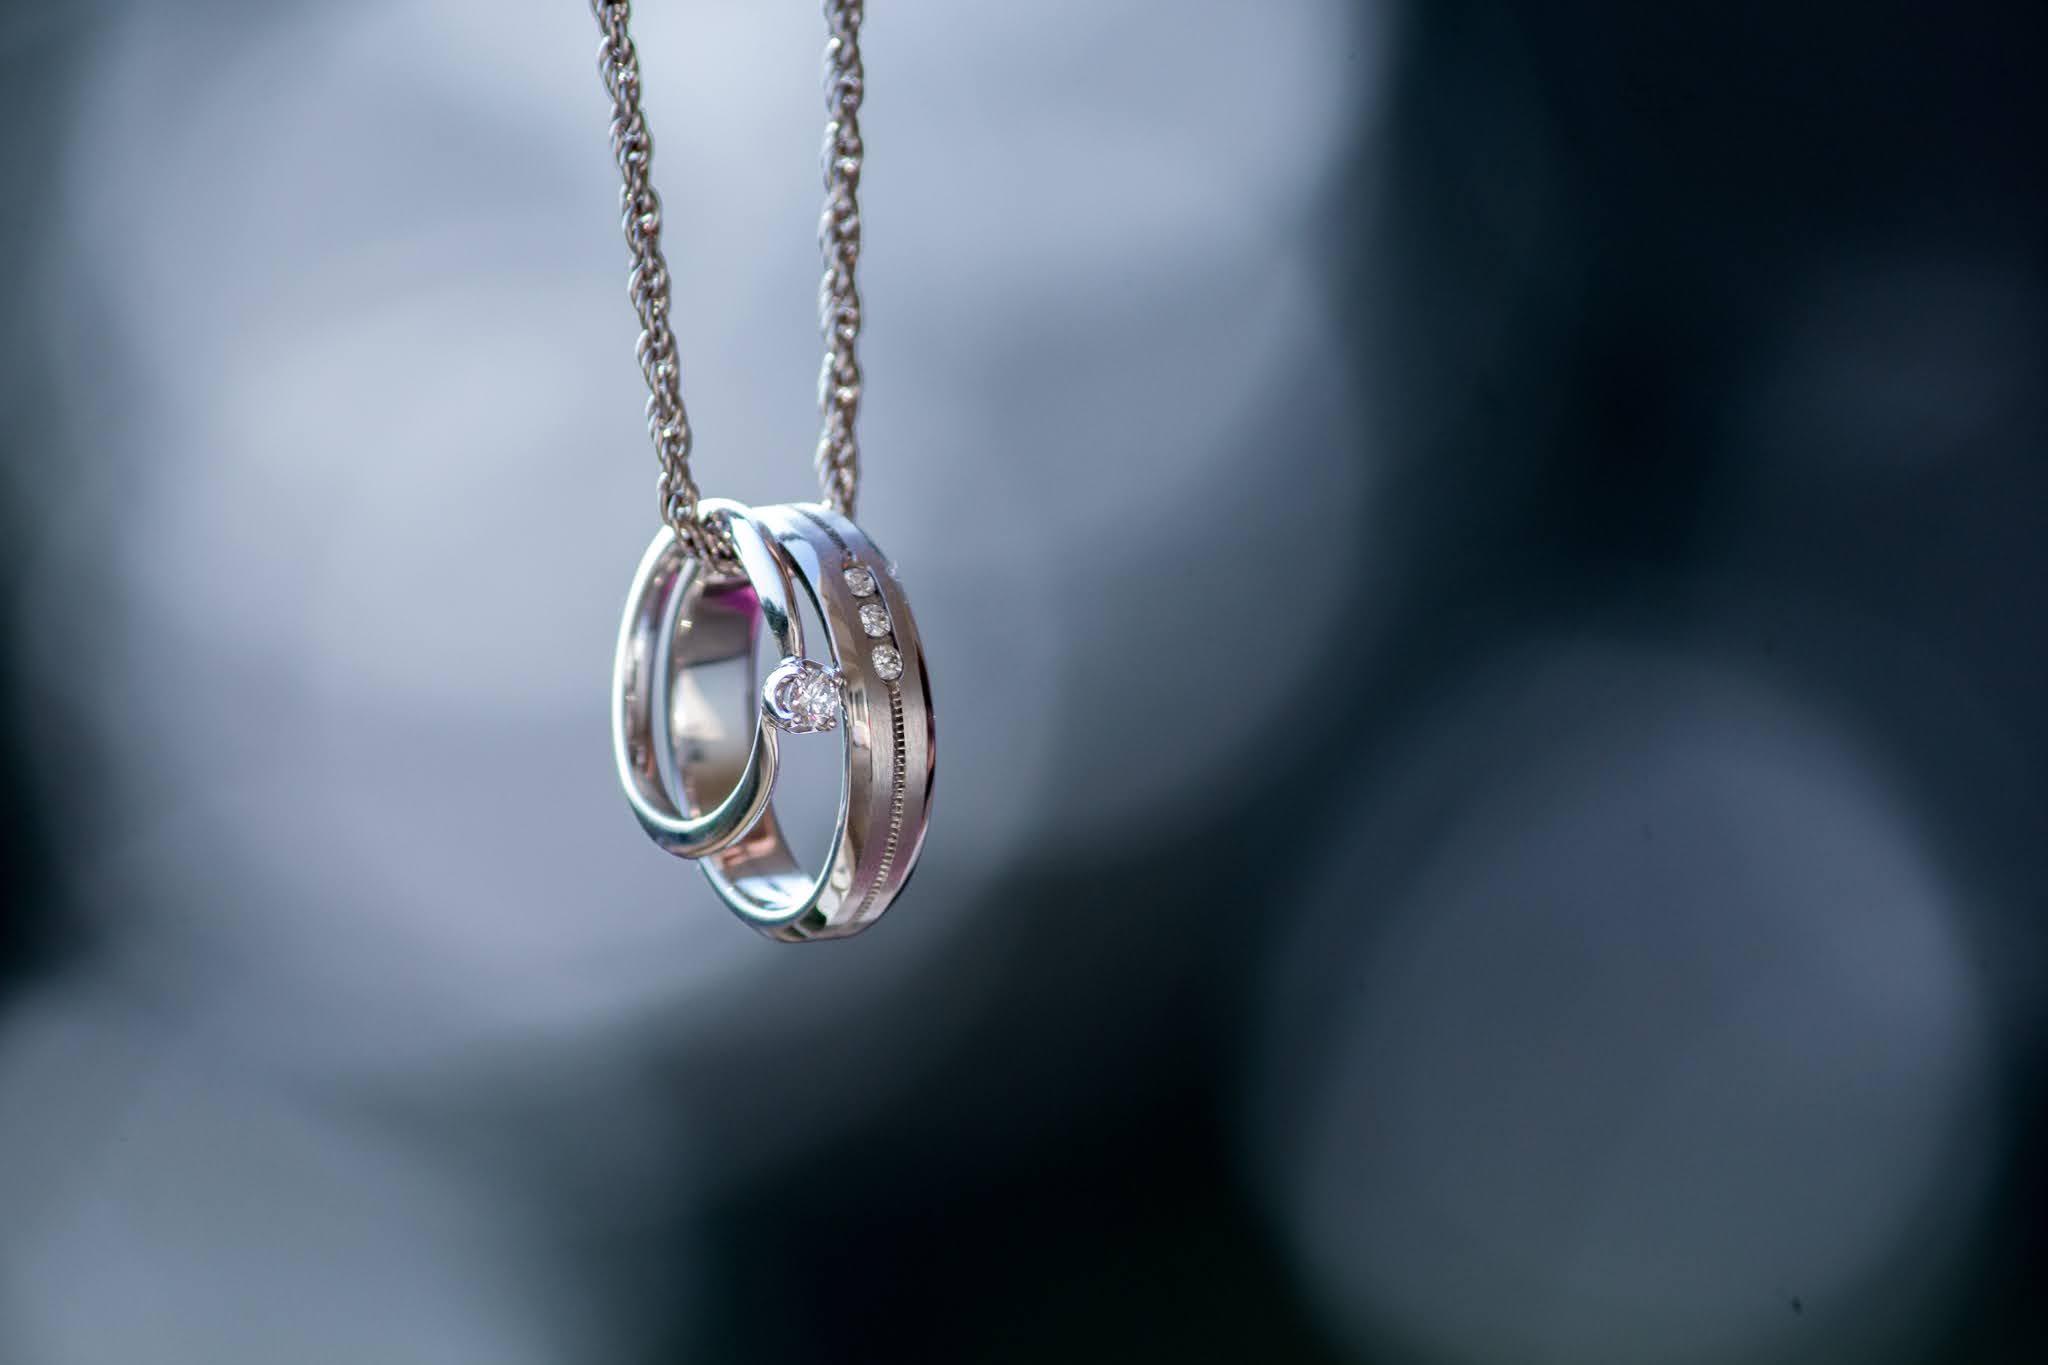 Wyjątkowa i niepowtarzalna biżuteria ze stali chirurgicznej i kamieni